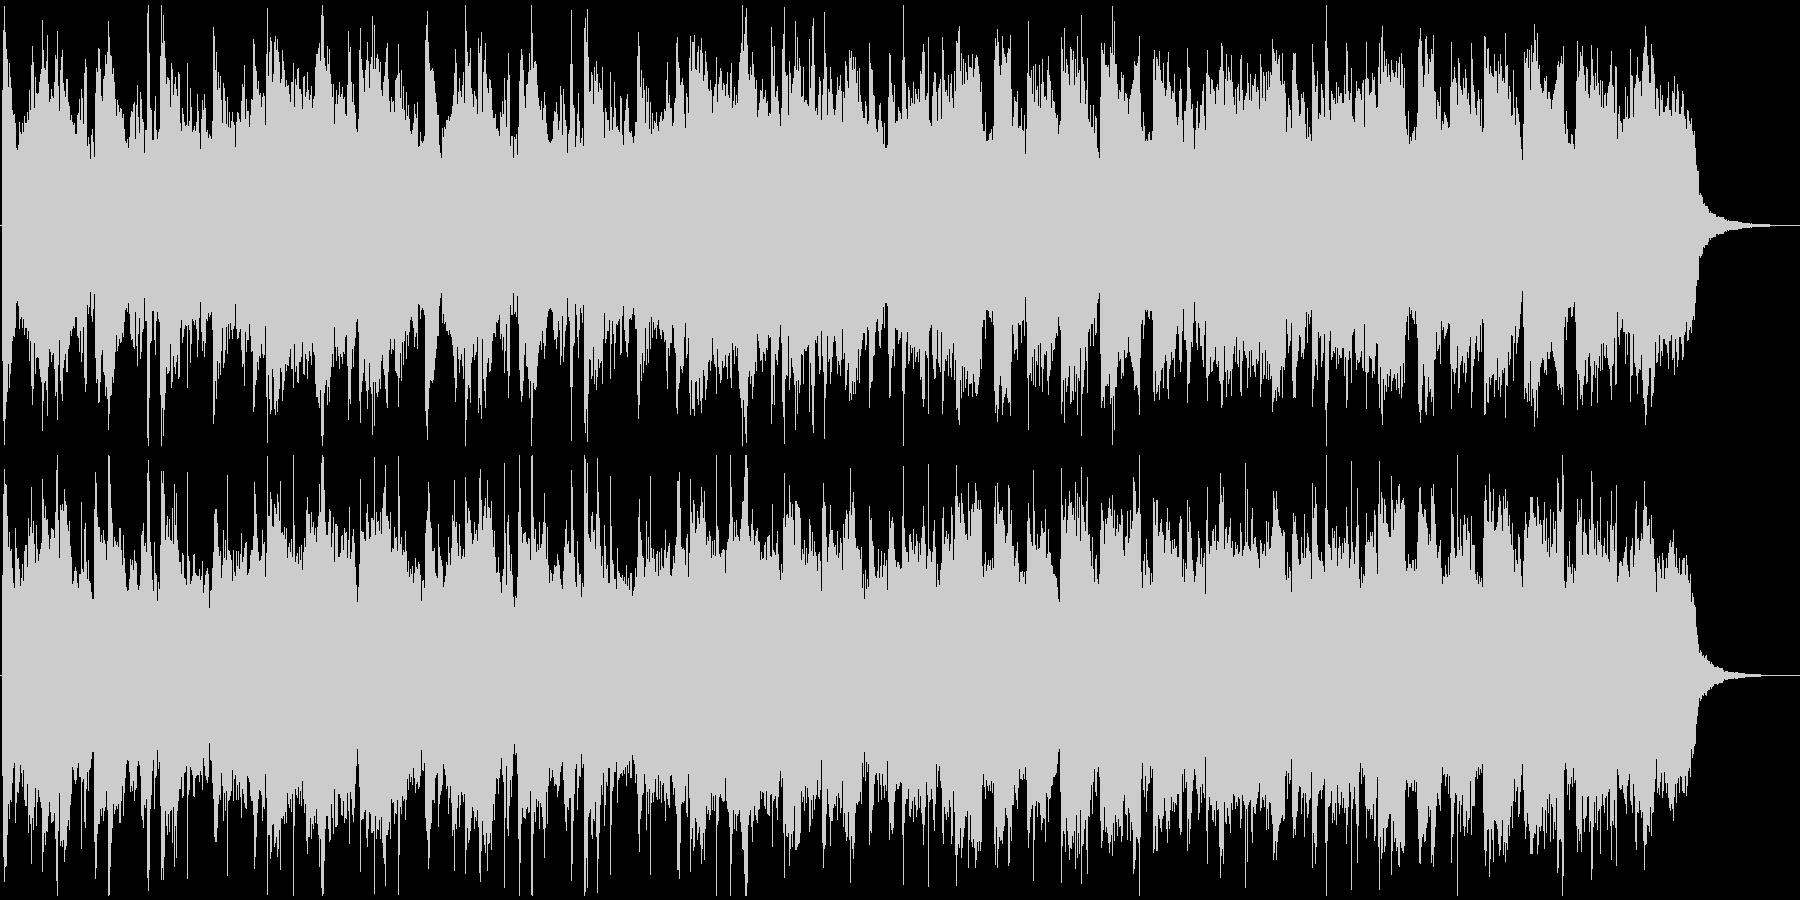 和風な温泉村っぽいBGM(1ループ)の未再生の波形